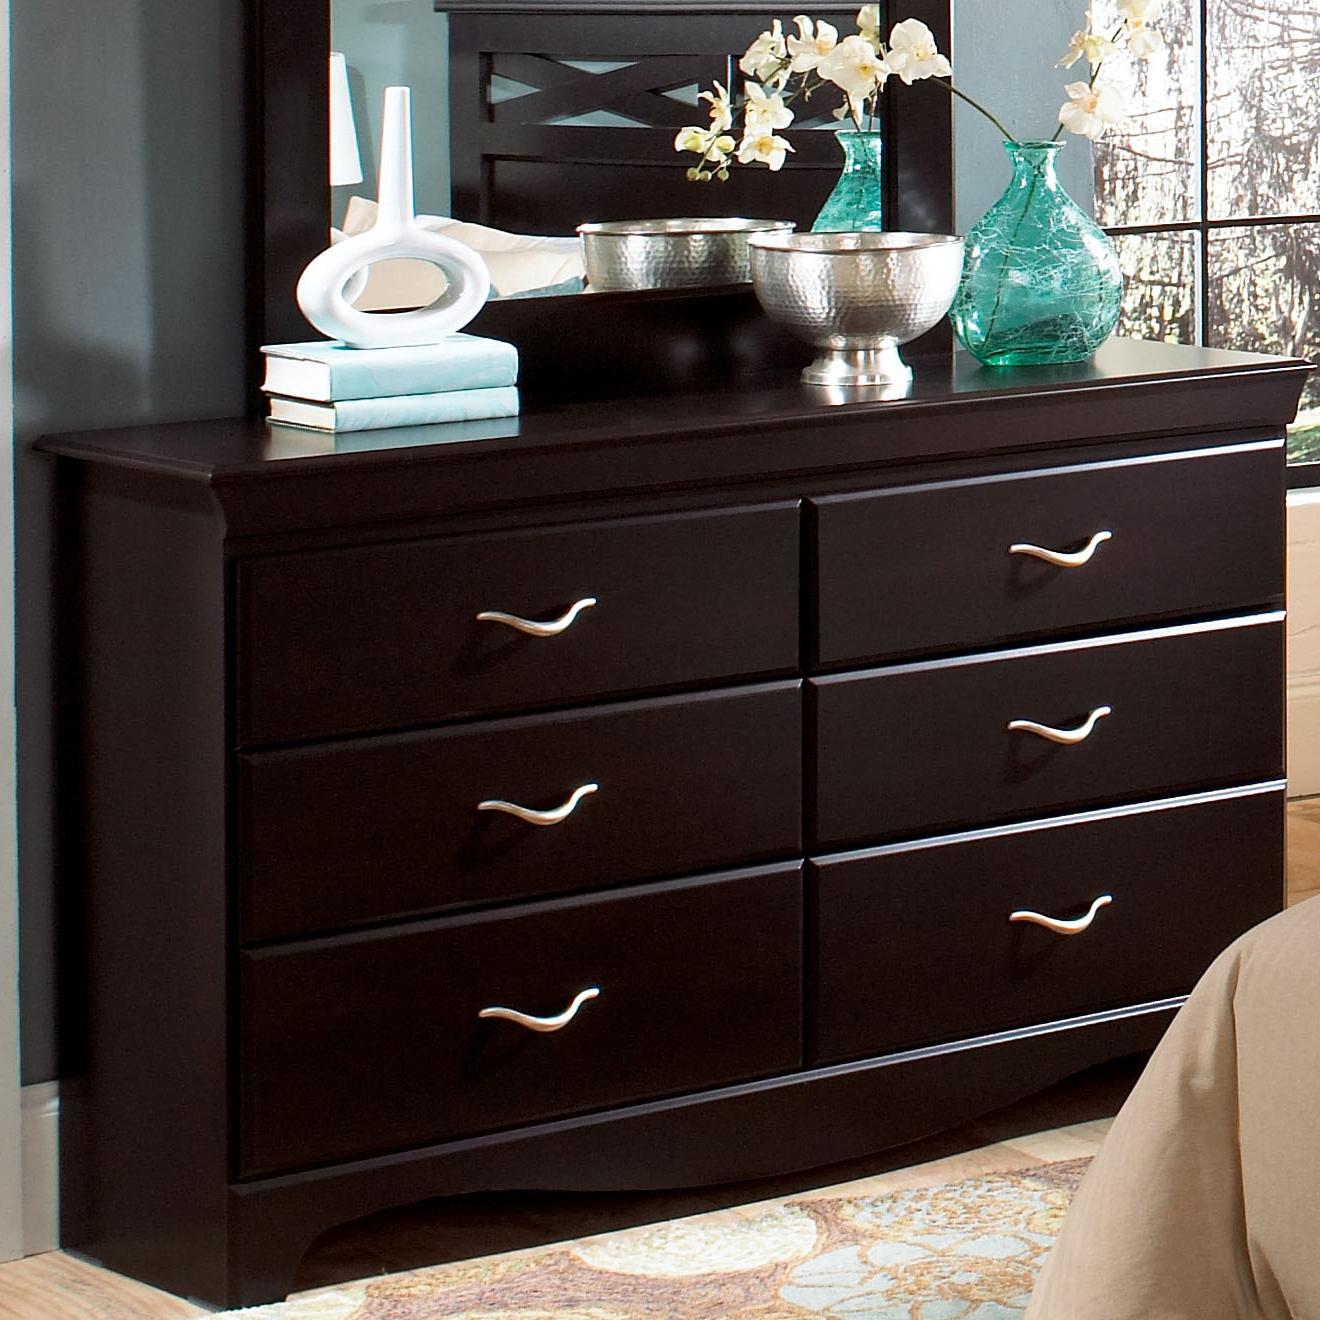 Standard Furniture Crossroads  Dresser - Item Number: 57659